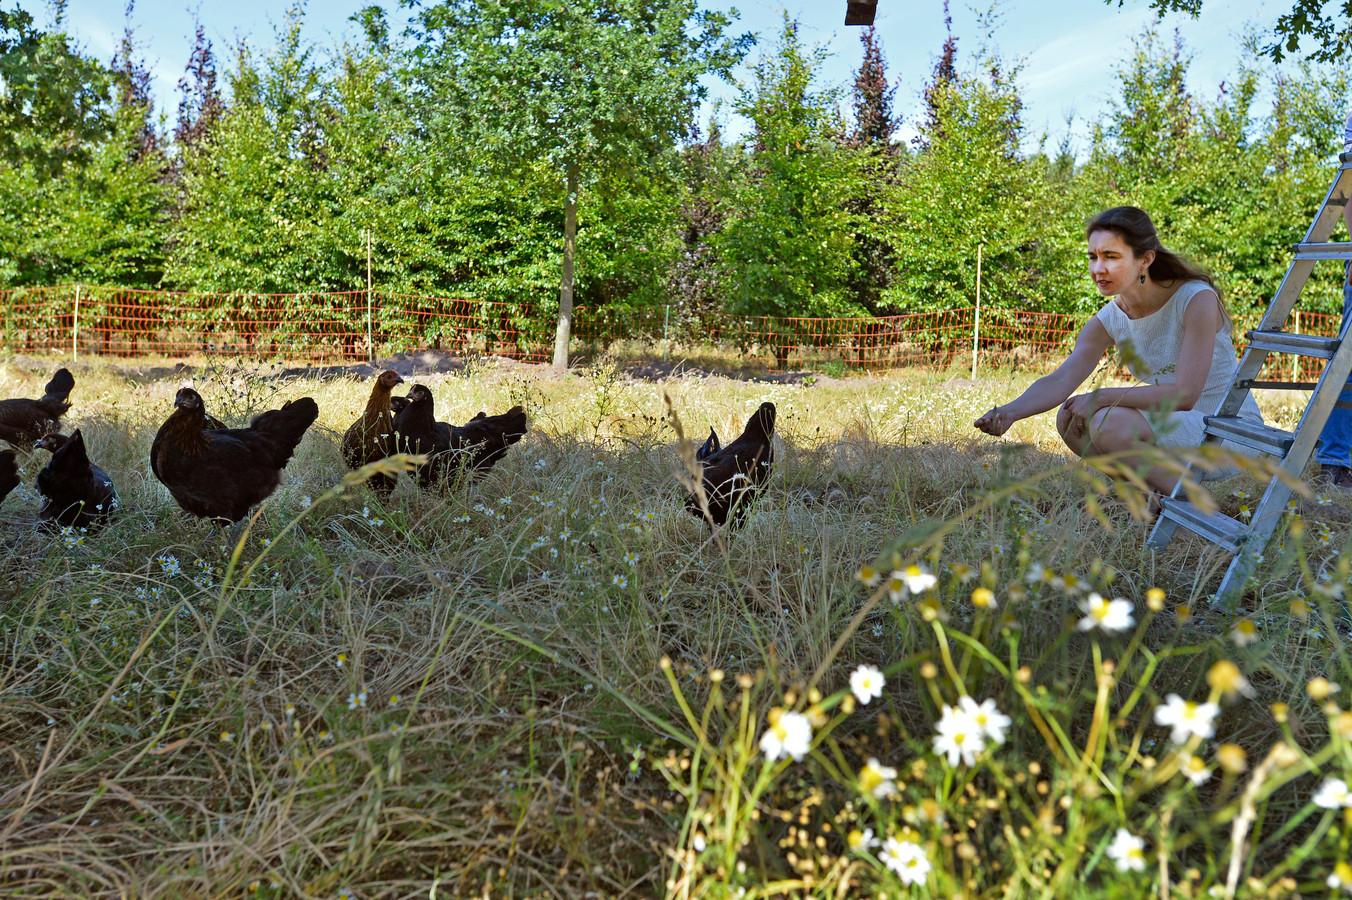 Gedeputeerde Anne-Marie Spierings kwam in 2017 naar Boomkwekerij Udenhout om kippen als onkruidbestrijders aan het werk te zien.